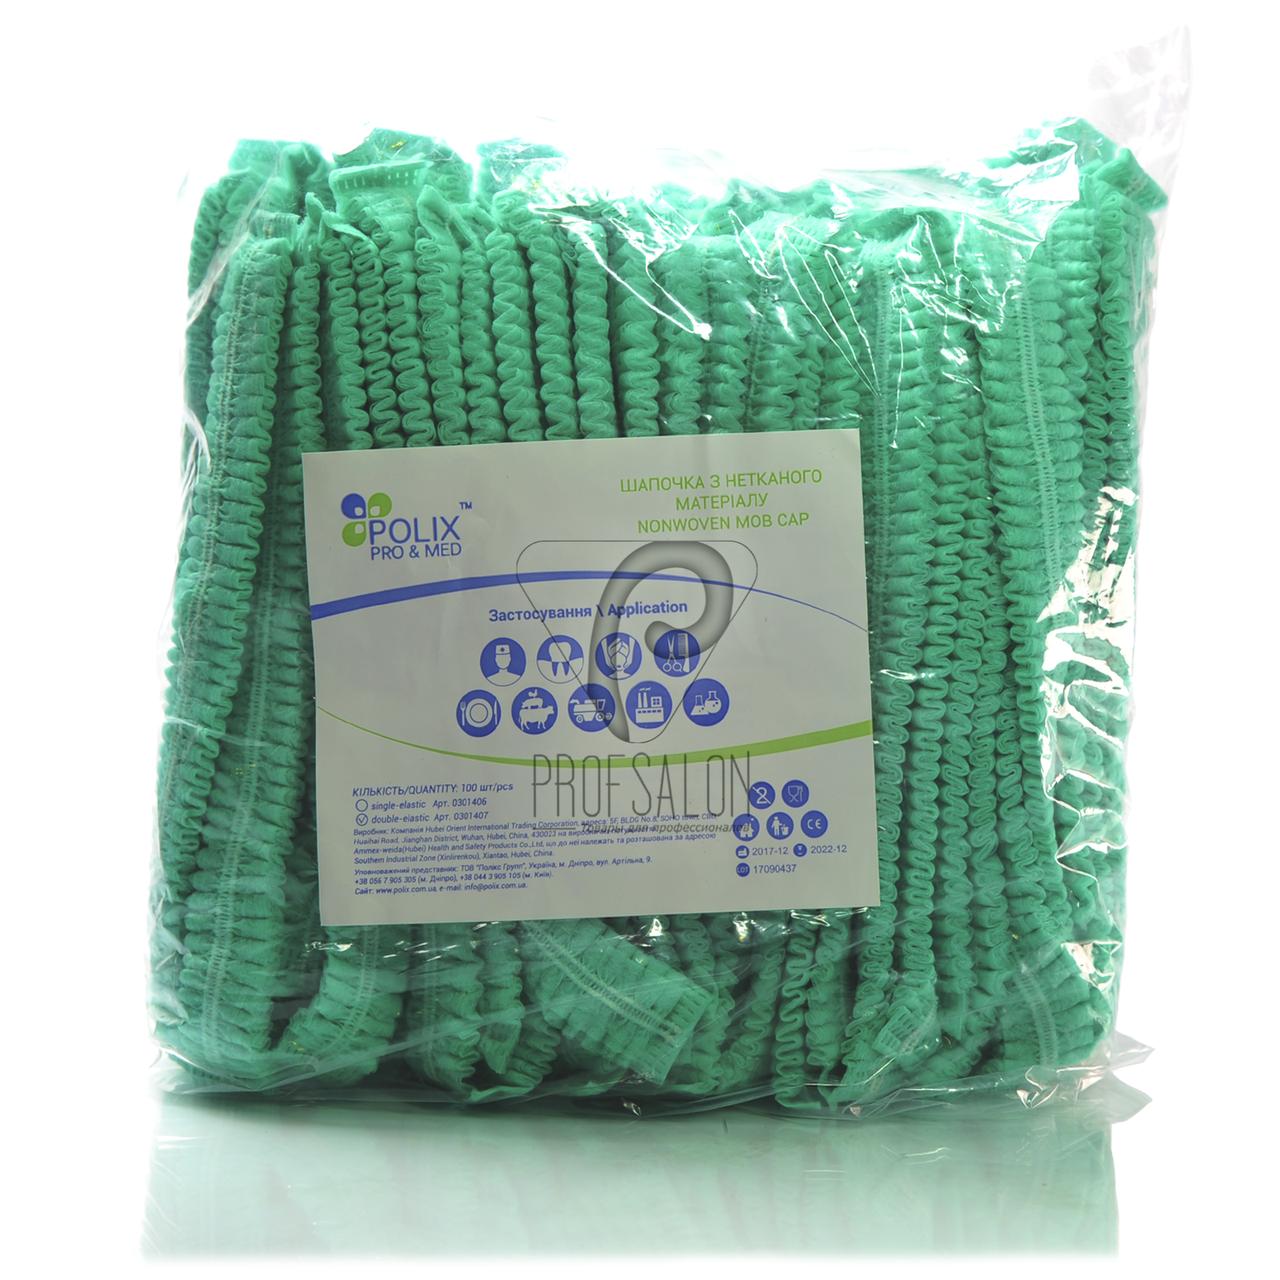 Одноразовые шапочки, шарлотки, на двойной резинке Polix 100 шт, зеленые